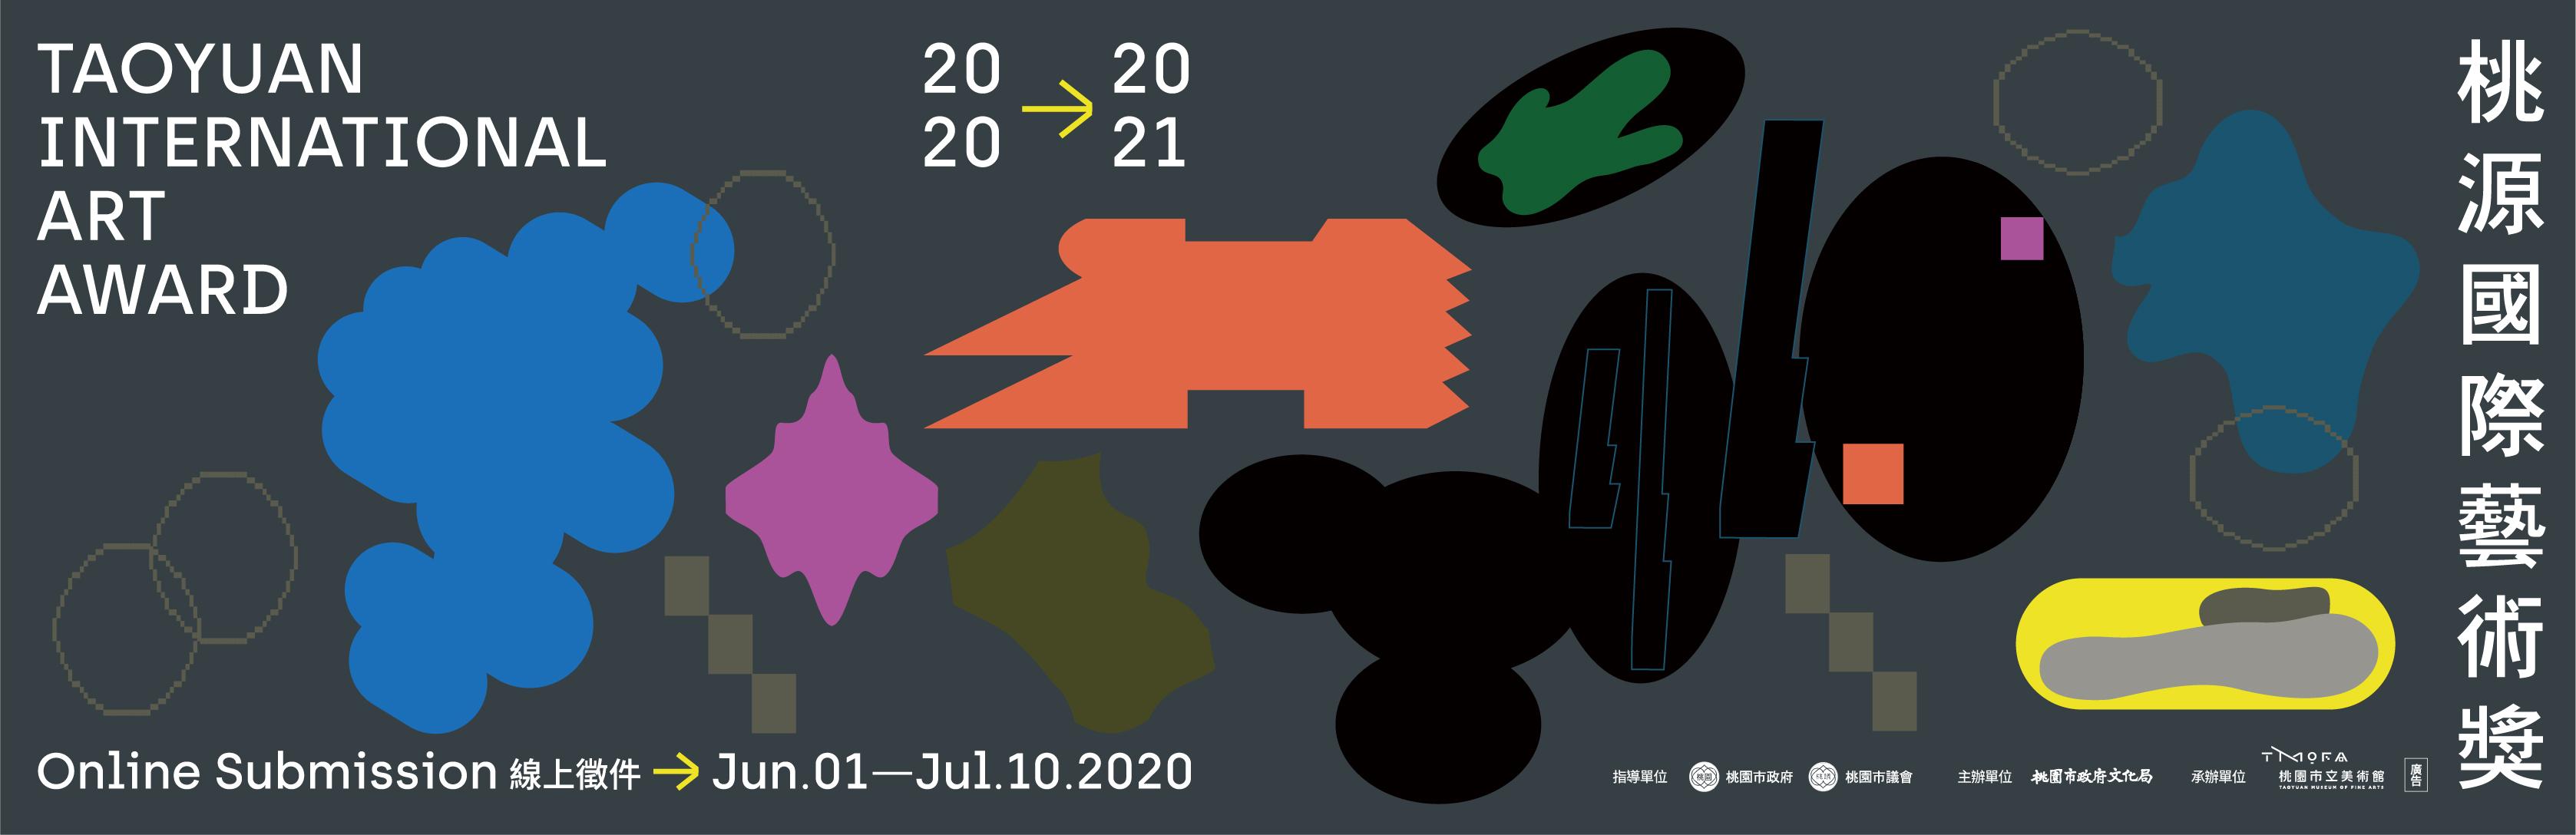 2021桃源國際藝術獎徵件